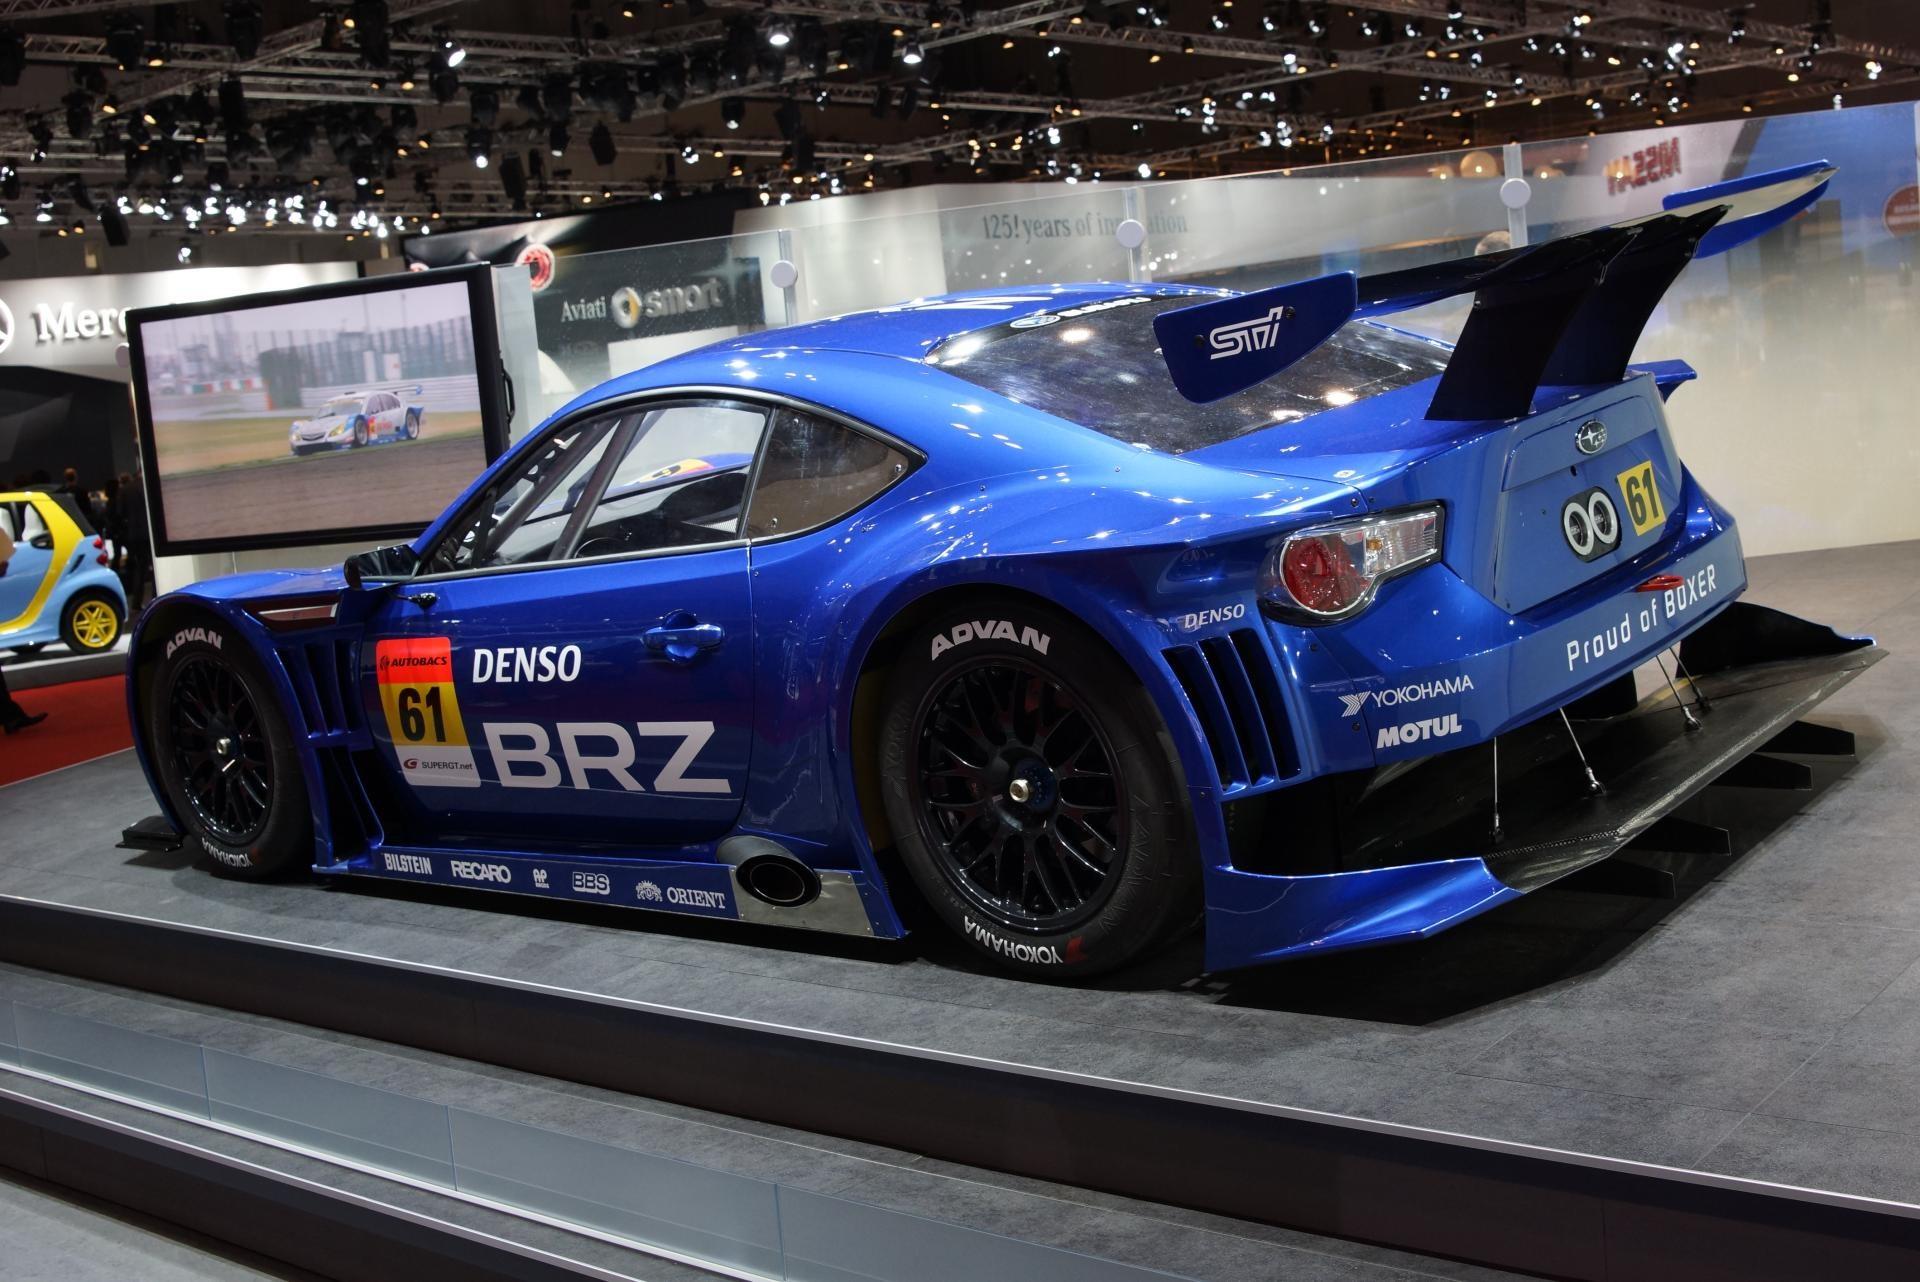 Subaru покажет новый модельный ряд на автосалоне в Токио